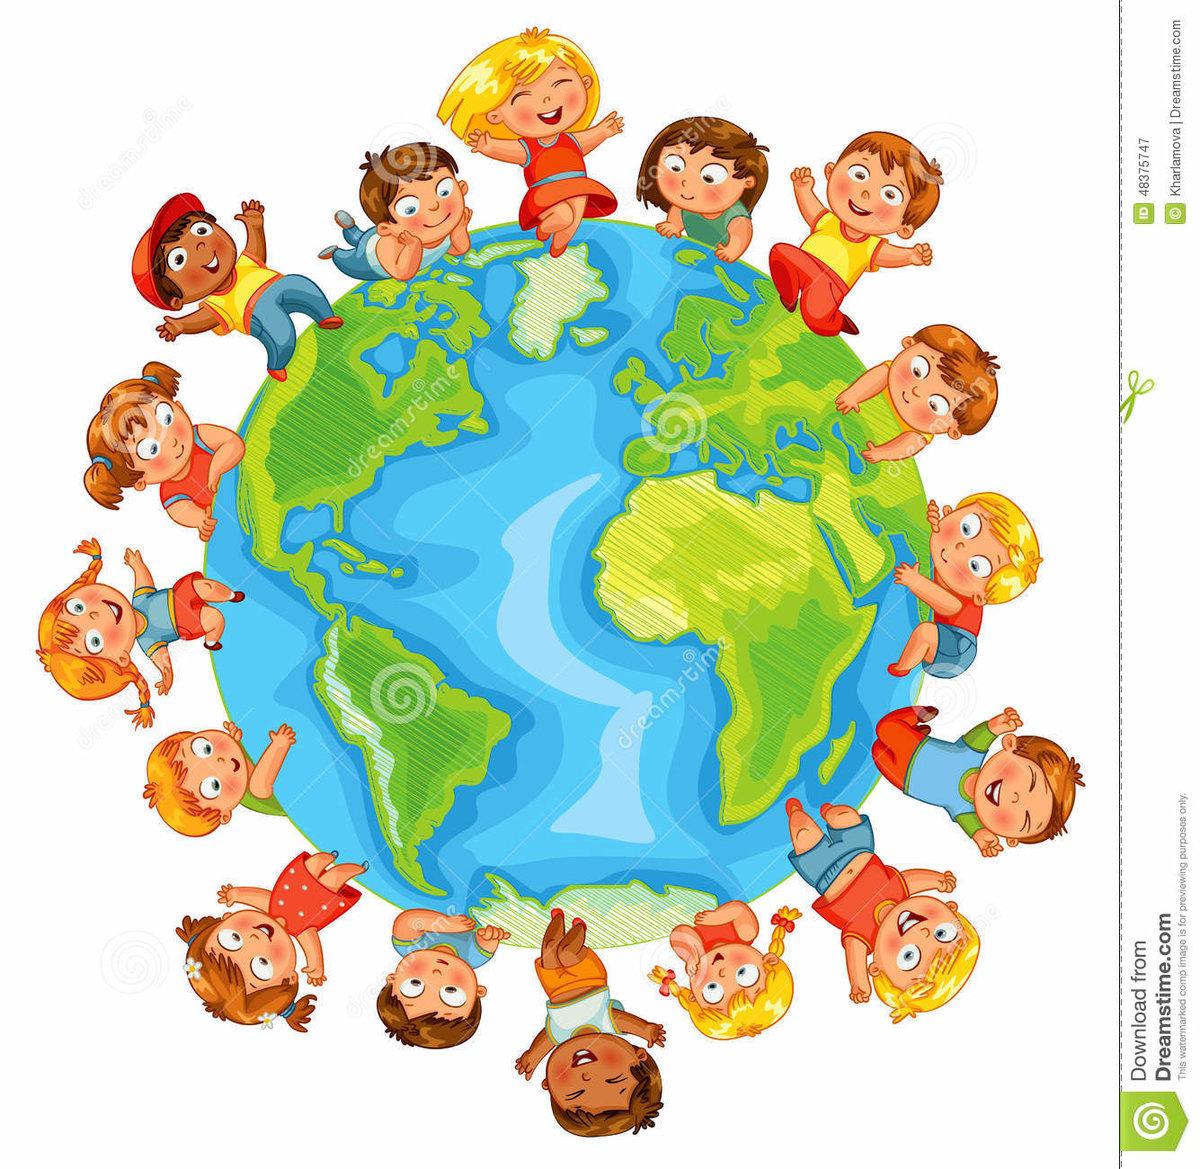 Международный день защиты детей – один из самых старых международных праздников.